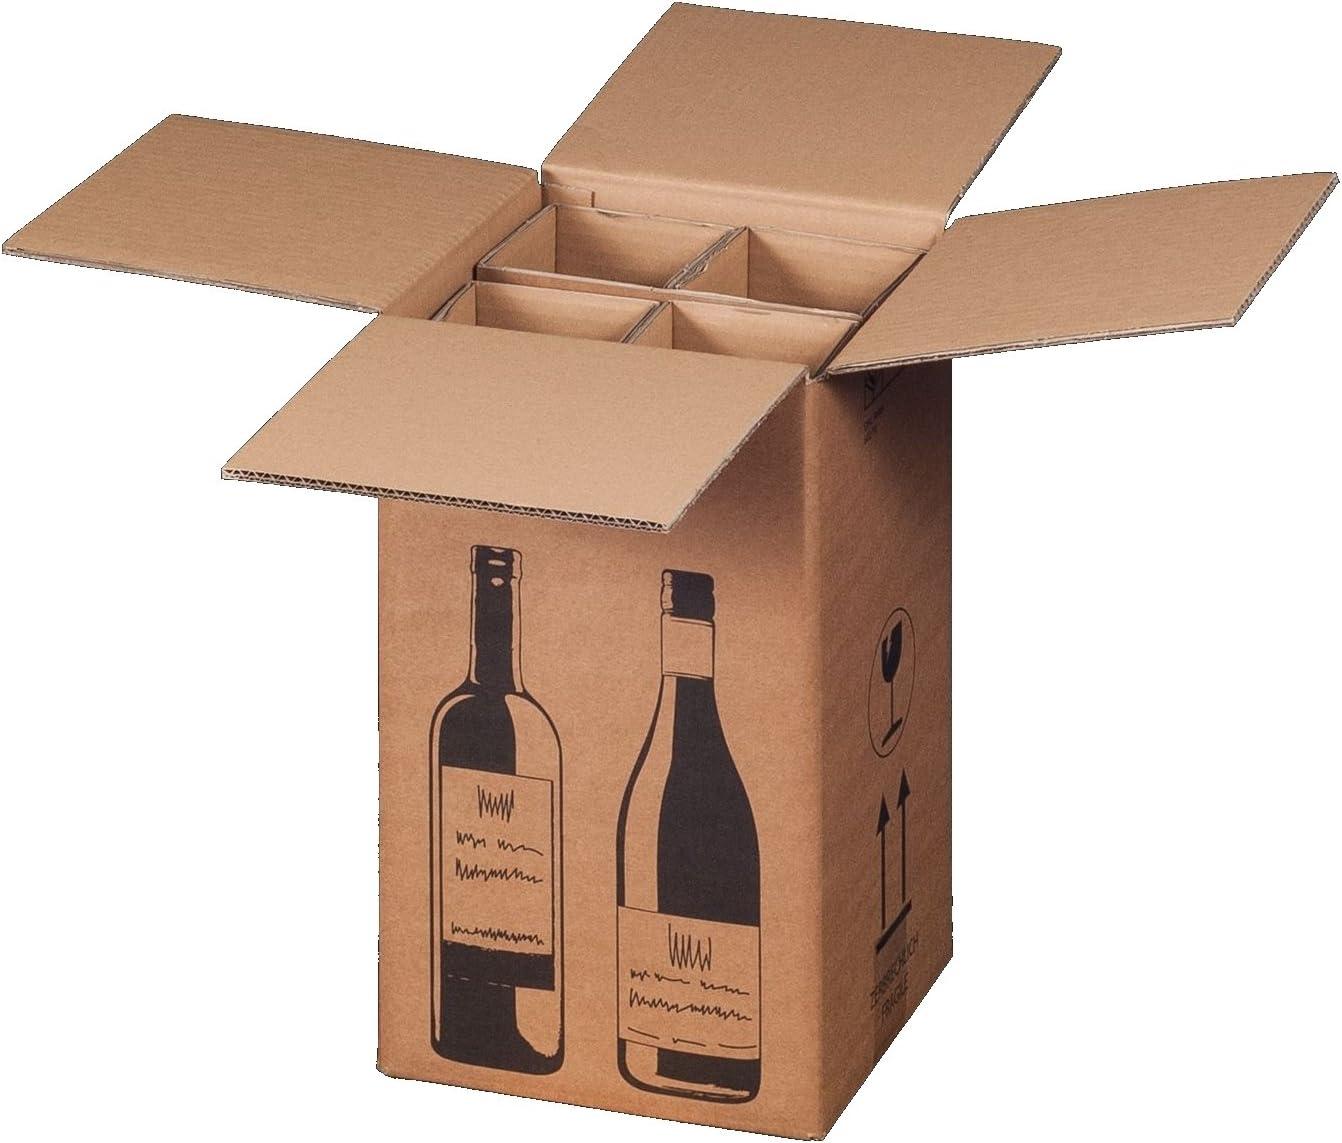 10 x Cajas de Cartón de botellas de vino de cartón para 4 botellas de vino (PTZ Certificado – DHL/UPS): Amazon.es: Oficina y papelería